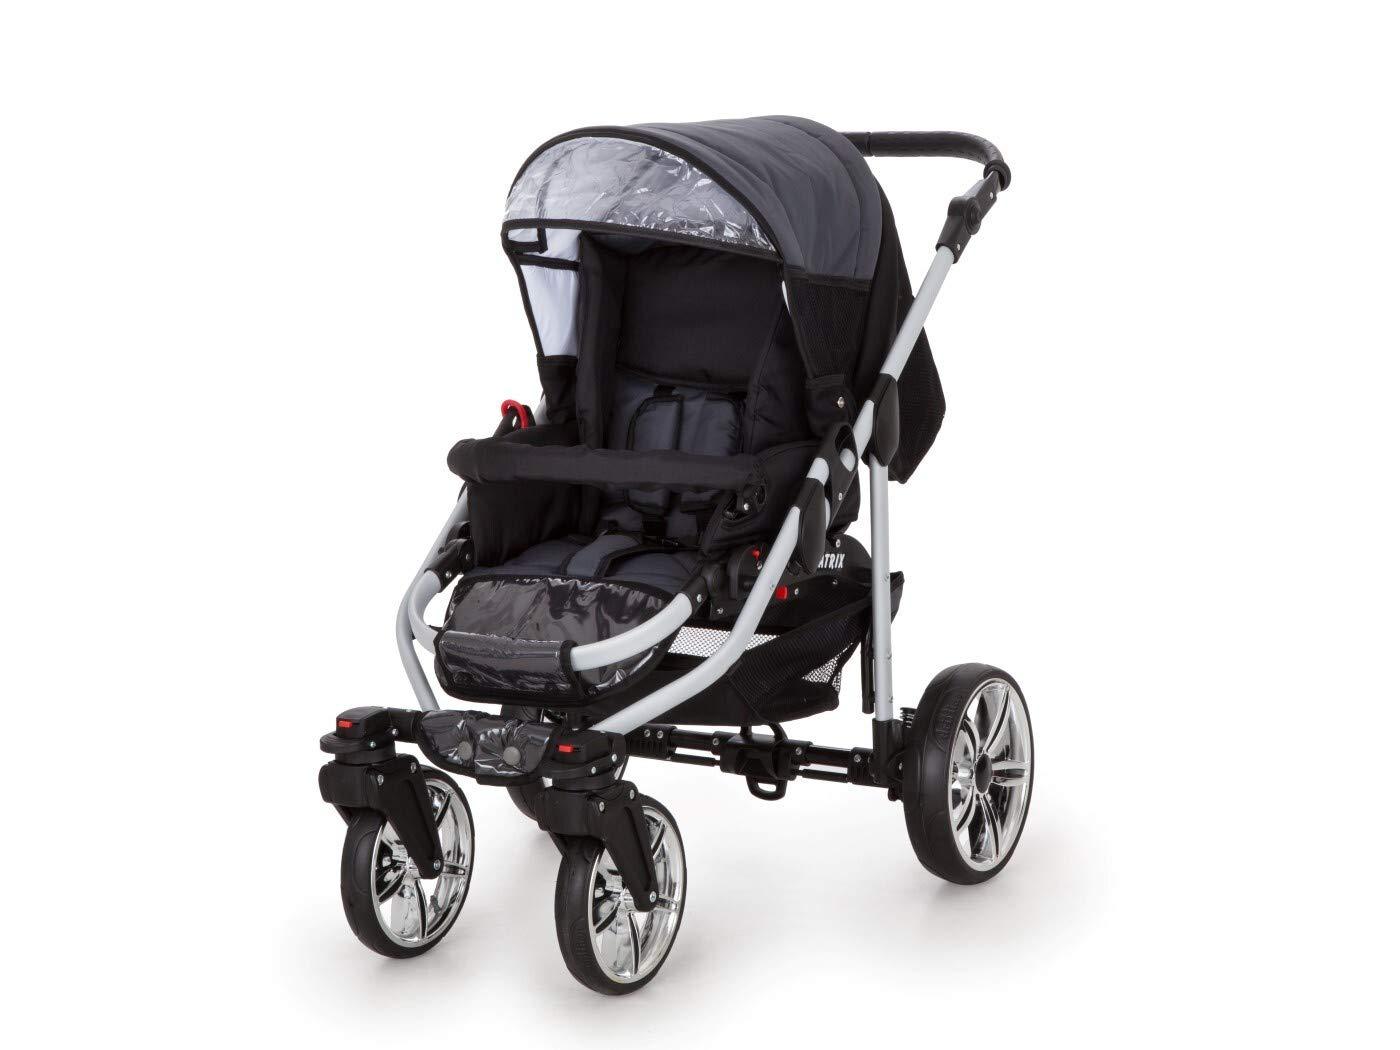 Kinderwagen 3in1 2in1 Set Isofix Buggy Kombikinderwagen X-Car by SaintBaby Beige /& Creme 2in1 ohne Babyschale